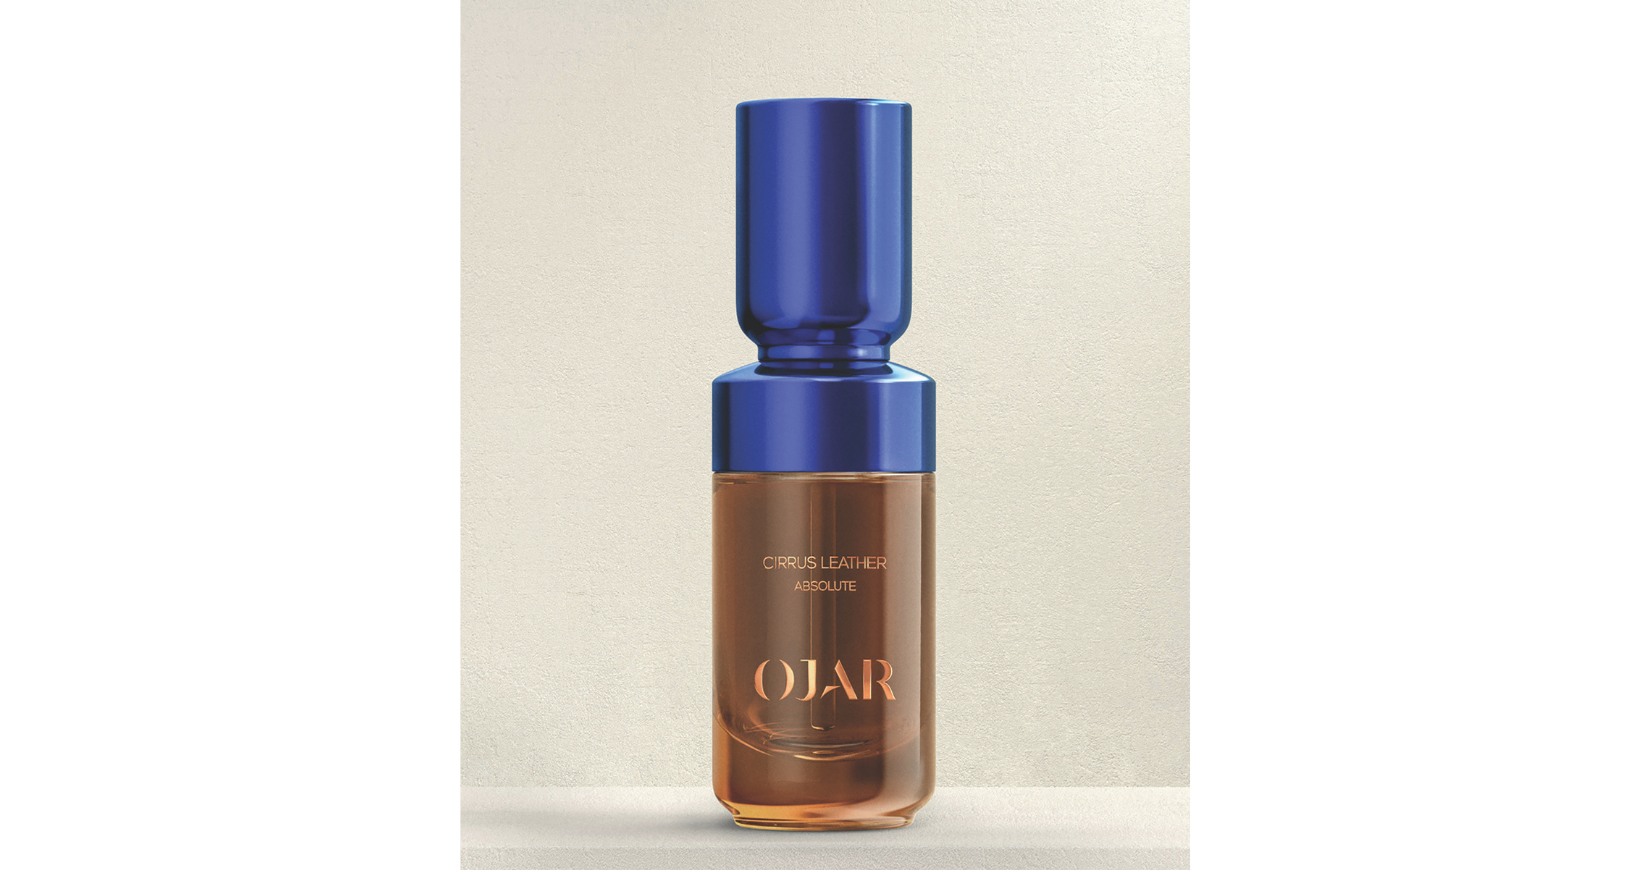 OJAR fragrance